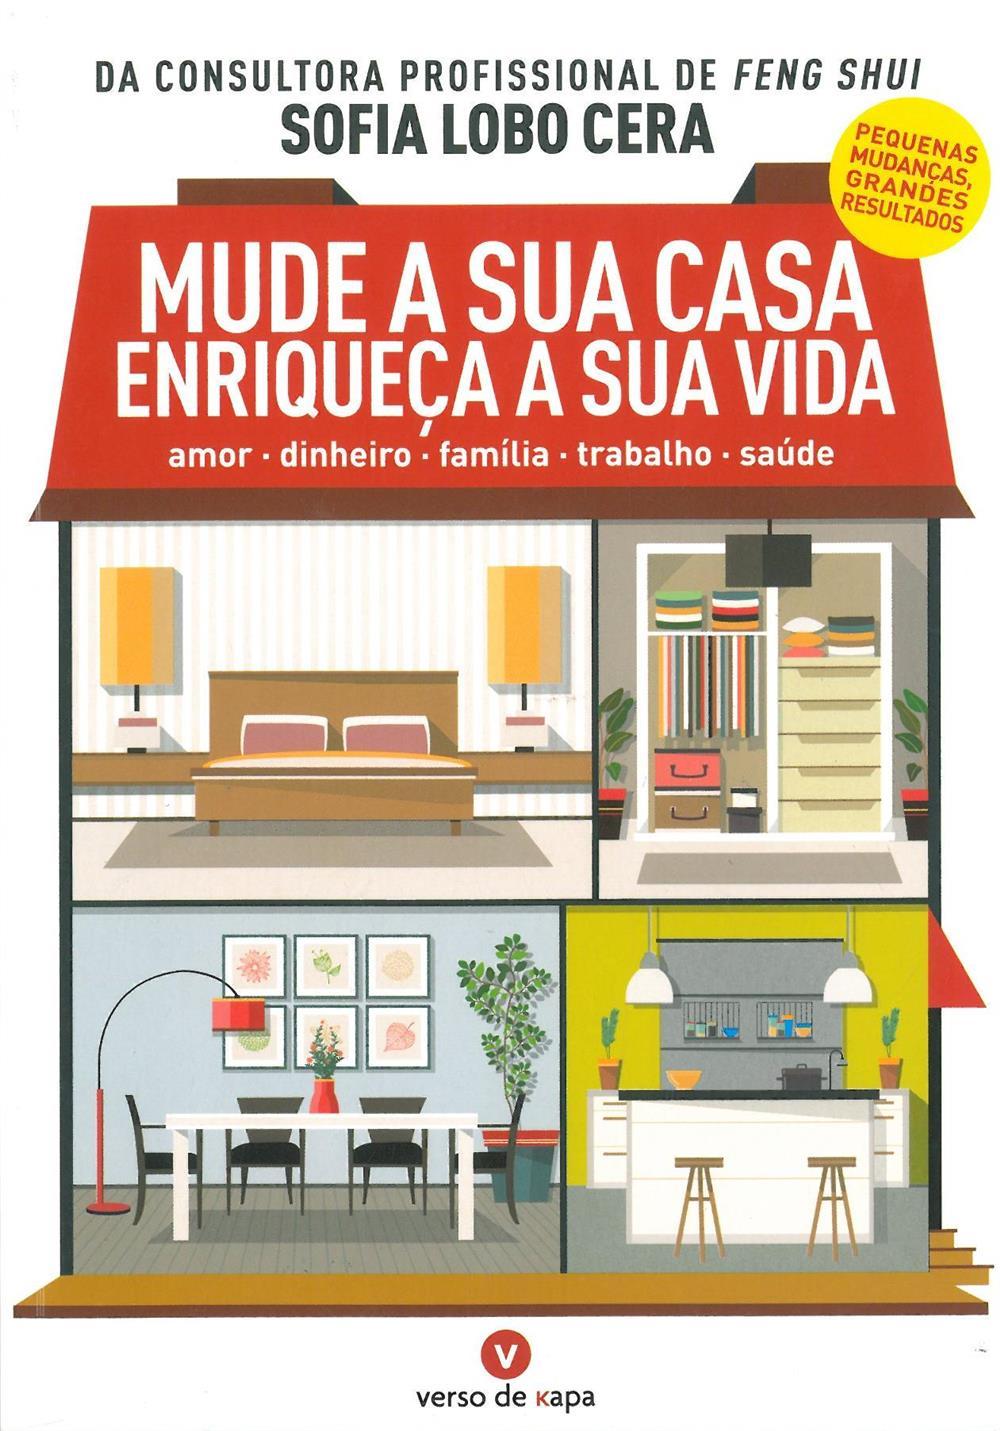 Mude a sua casa, enriqueça a sua vida_.jpg